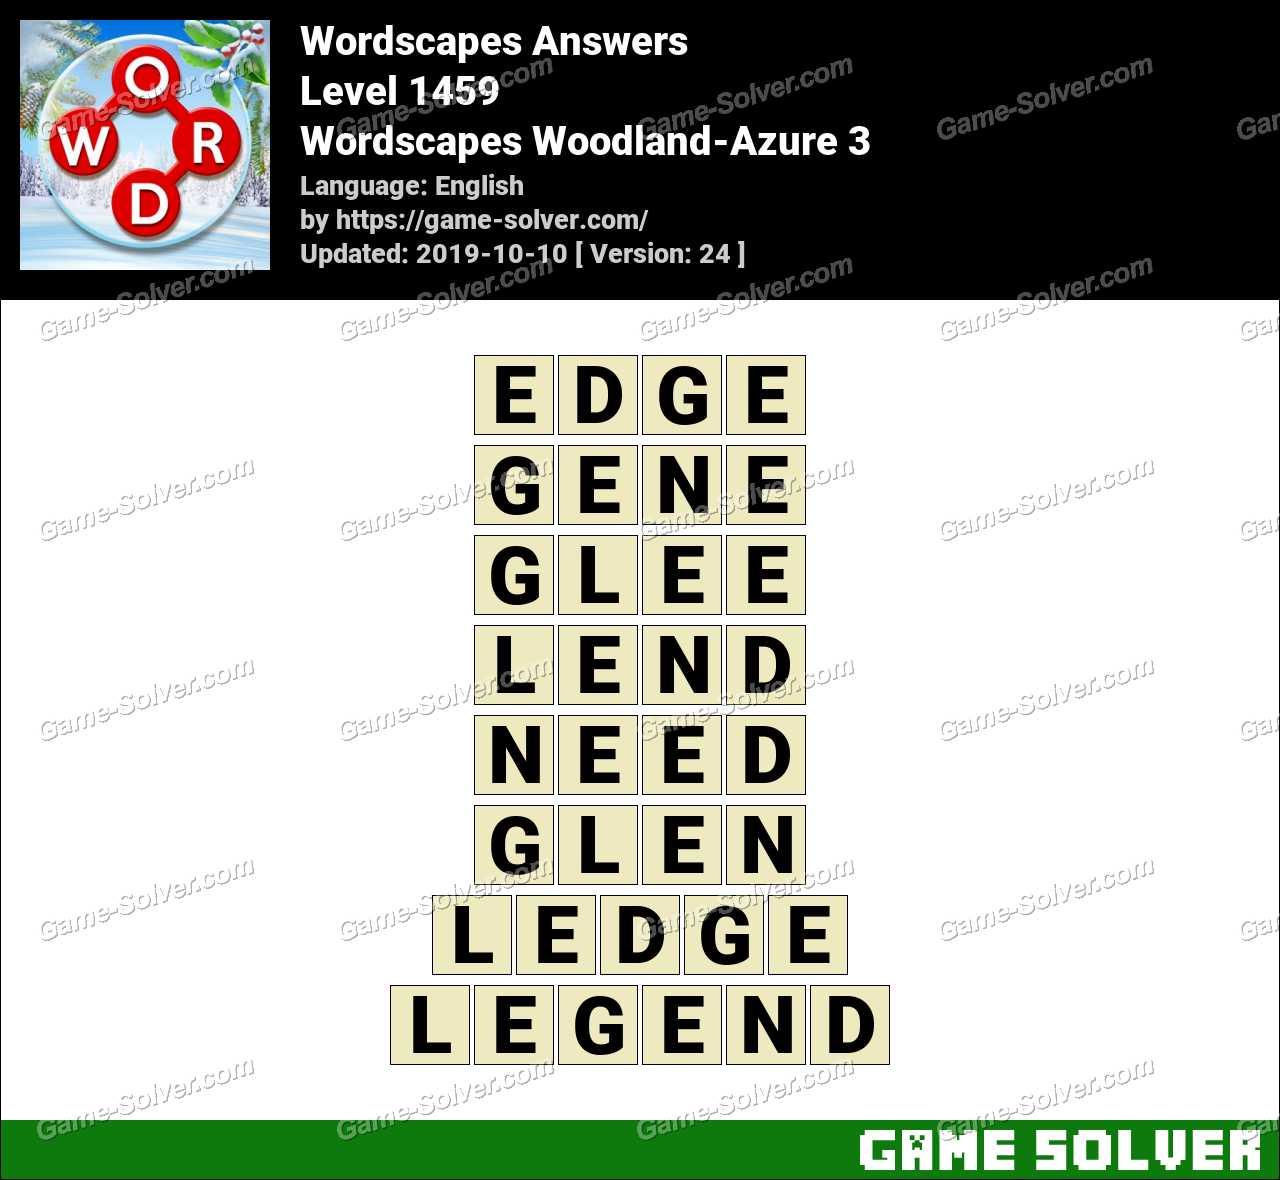 Wordscapes Woodland-Azure 3 Answers